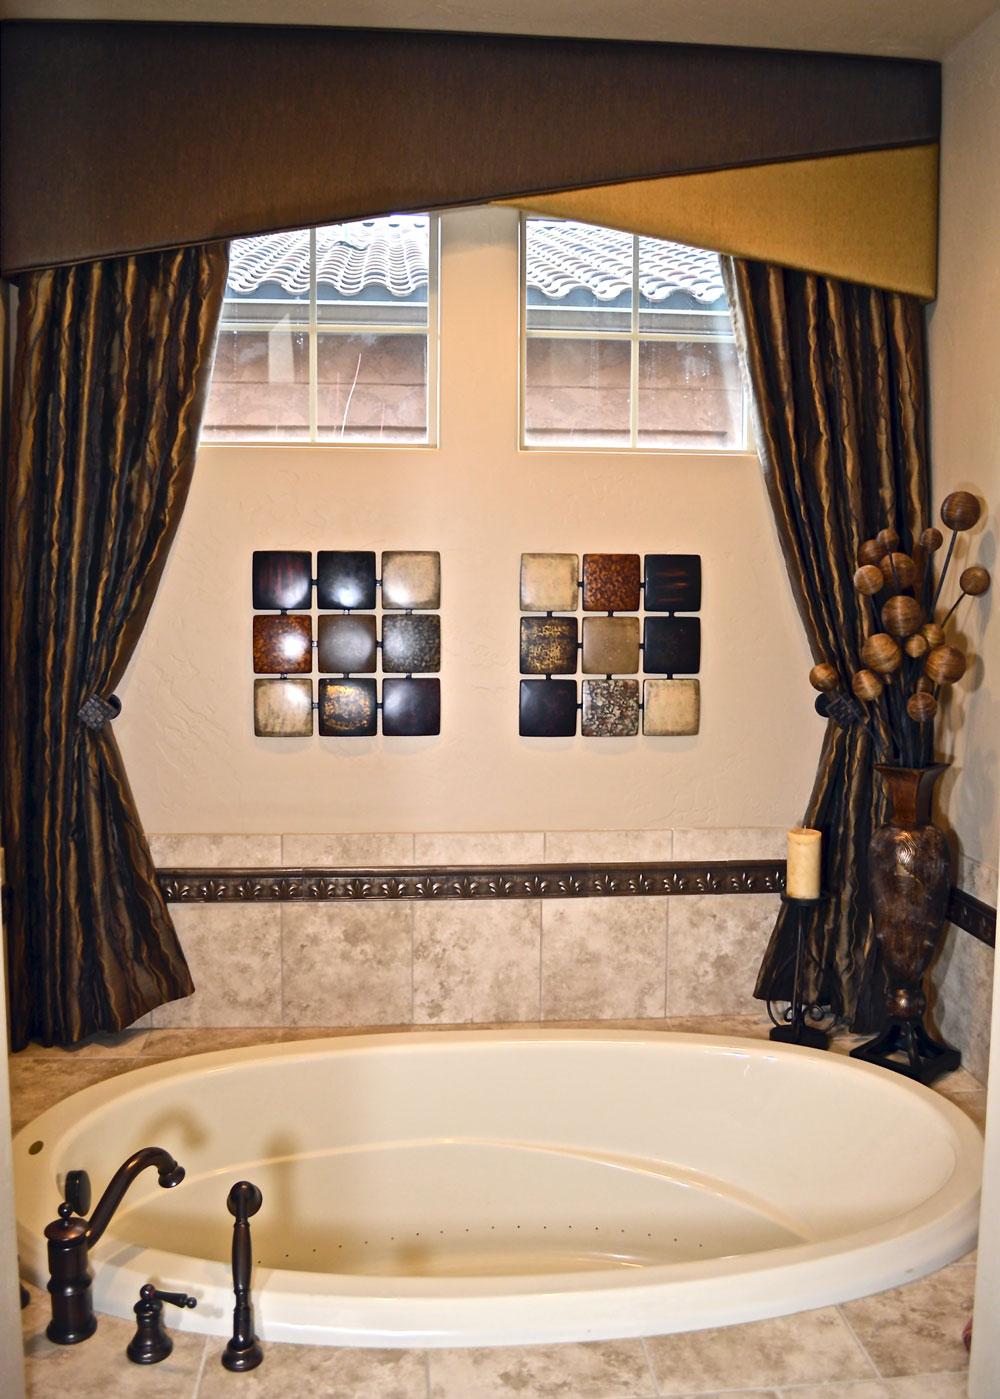 Interior designer colorado springs - Drapes Bathroom Interior Designer Colorado Springs Jpg